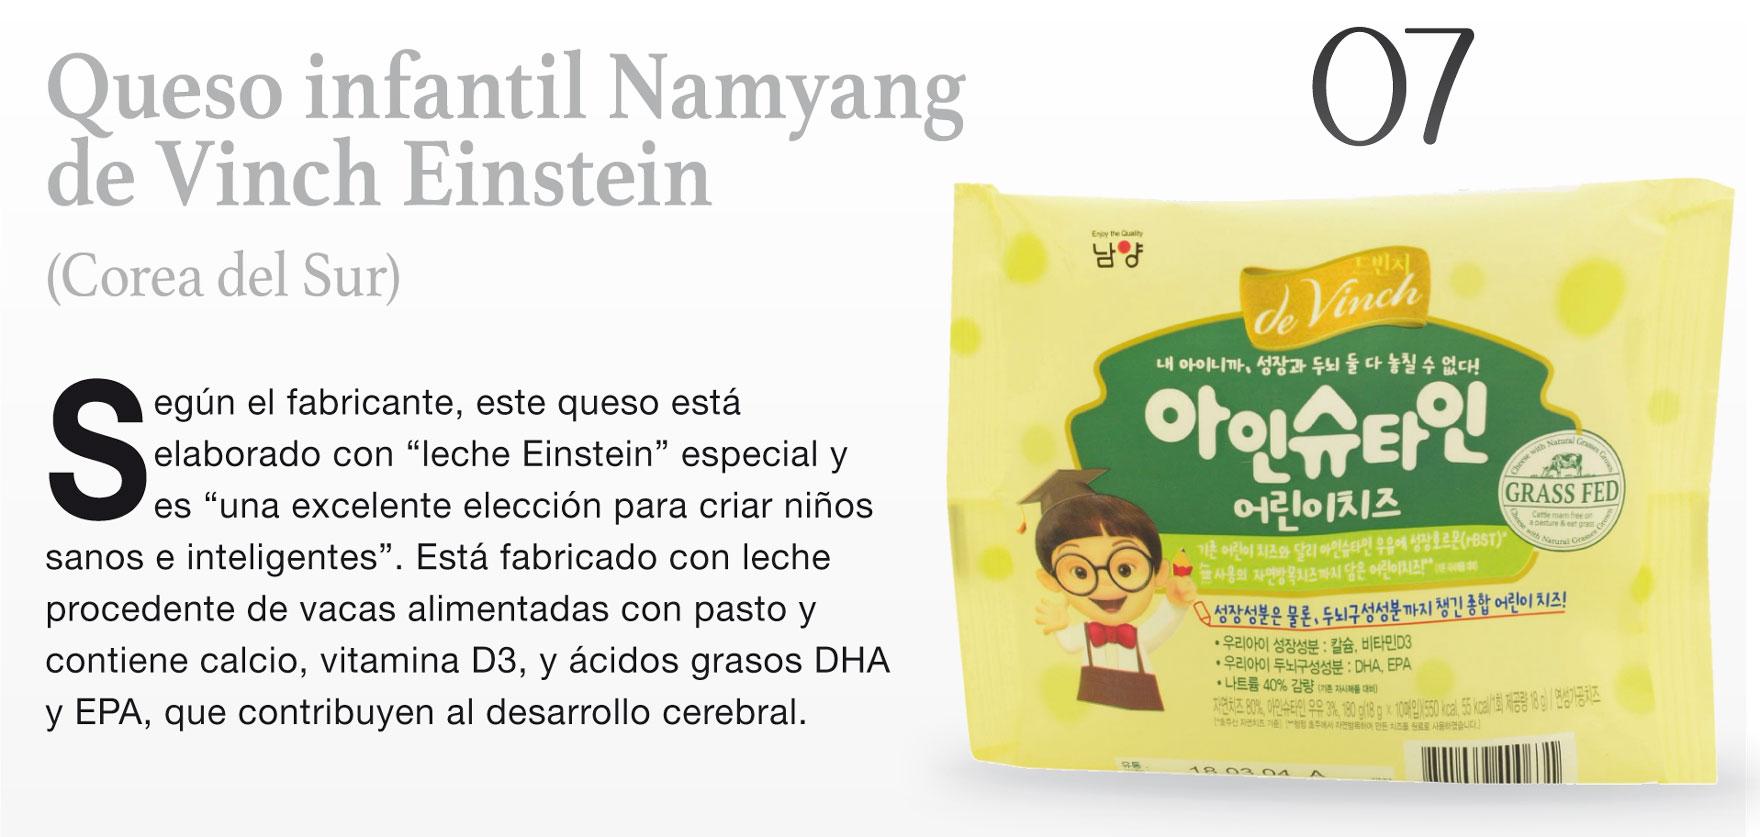 Queso infantil Namyang de Vinch Einstein (Corea del Sur)